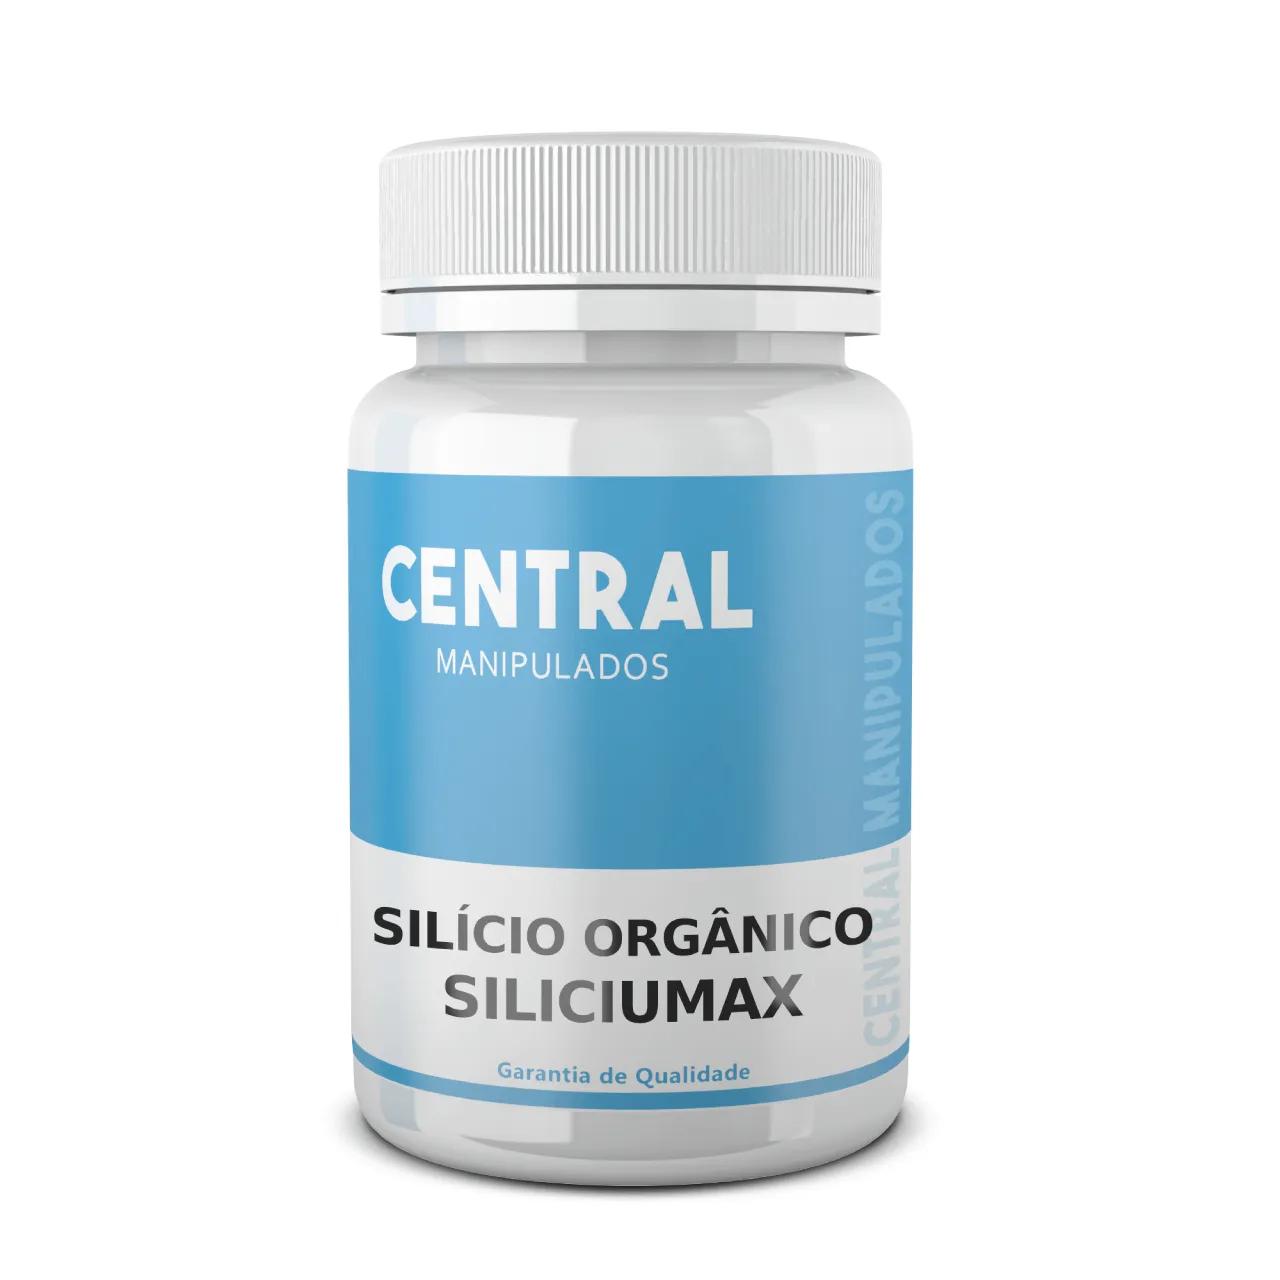 Silício Orgânico SiliciuMax 150mg - 60 CÁPSULAS - Revitalização de Cabelos e Unhas, Pele mais Jovem, Ossos mais Fortes.